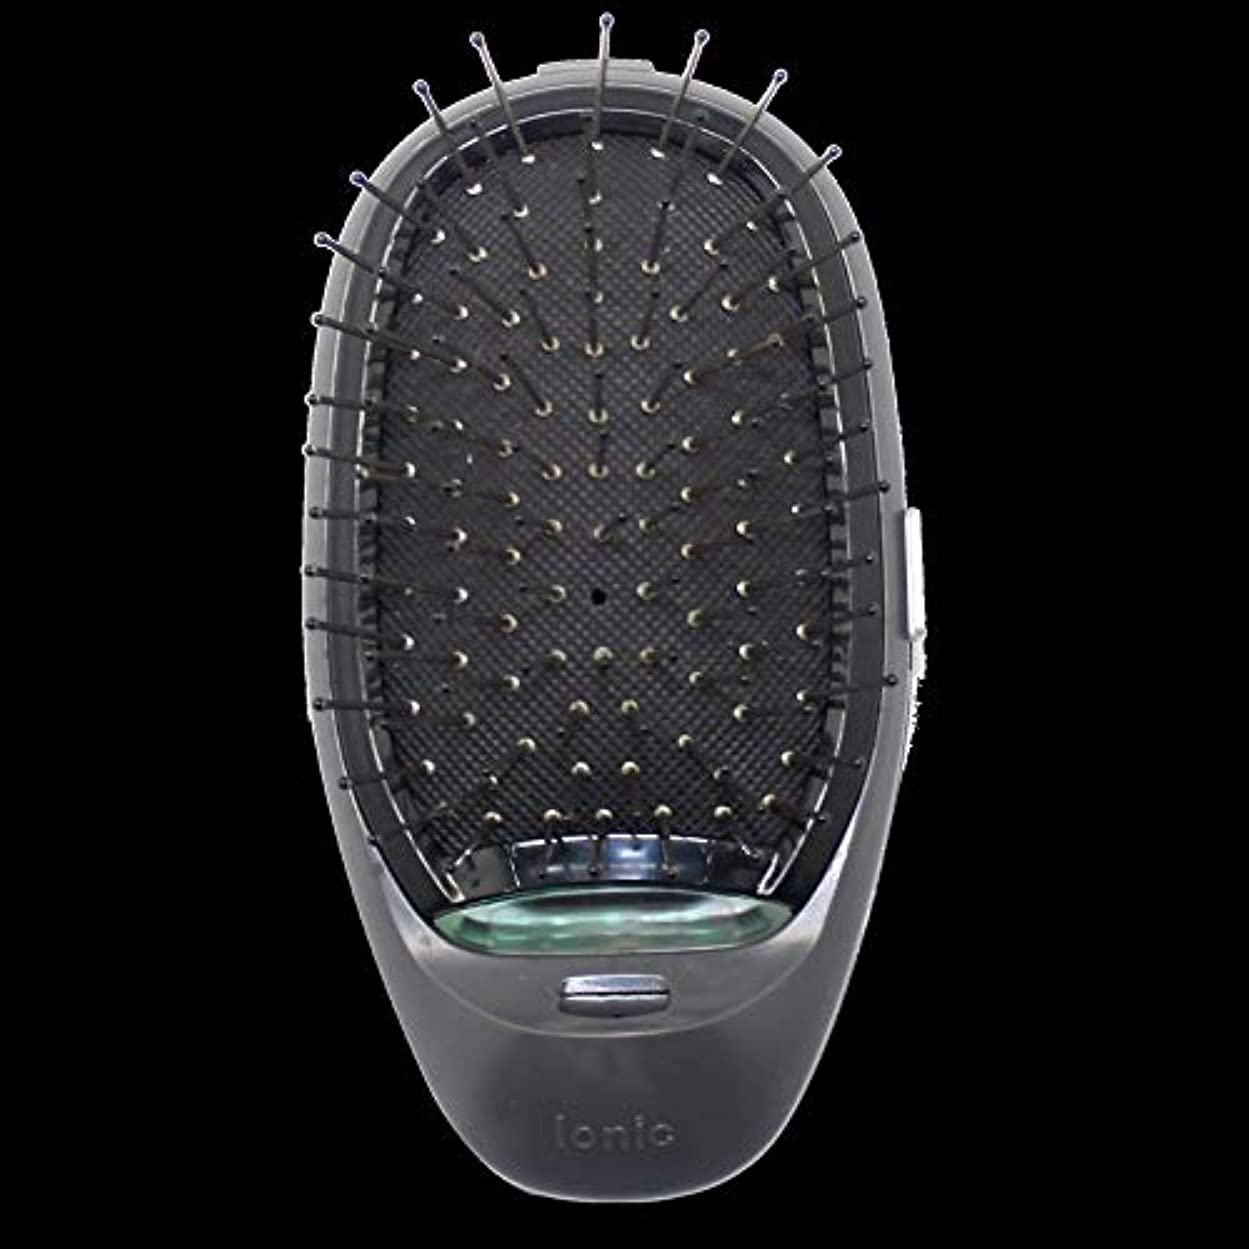 カテゴリー不振代わりに電動マッサージヘアブラシミニマイナスイオンヘアコム3Dインフレータブルコーム帯電防止ガールズヘアブラシ電池式 - ブラック